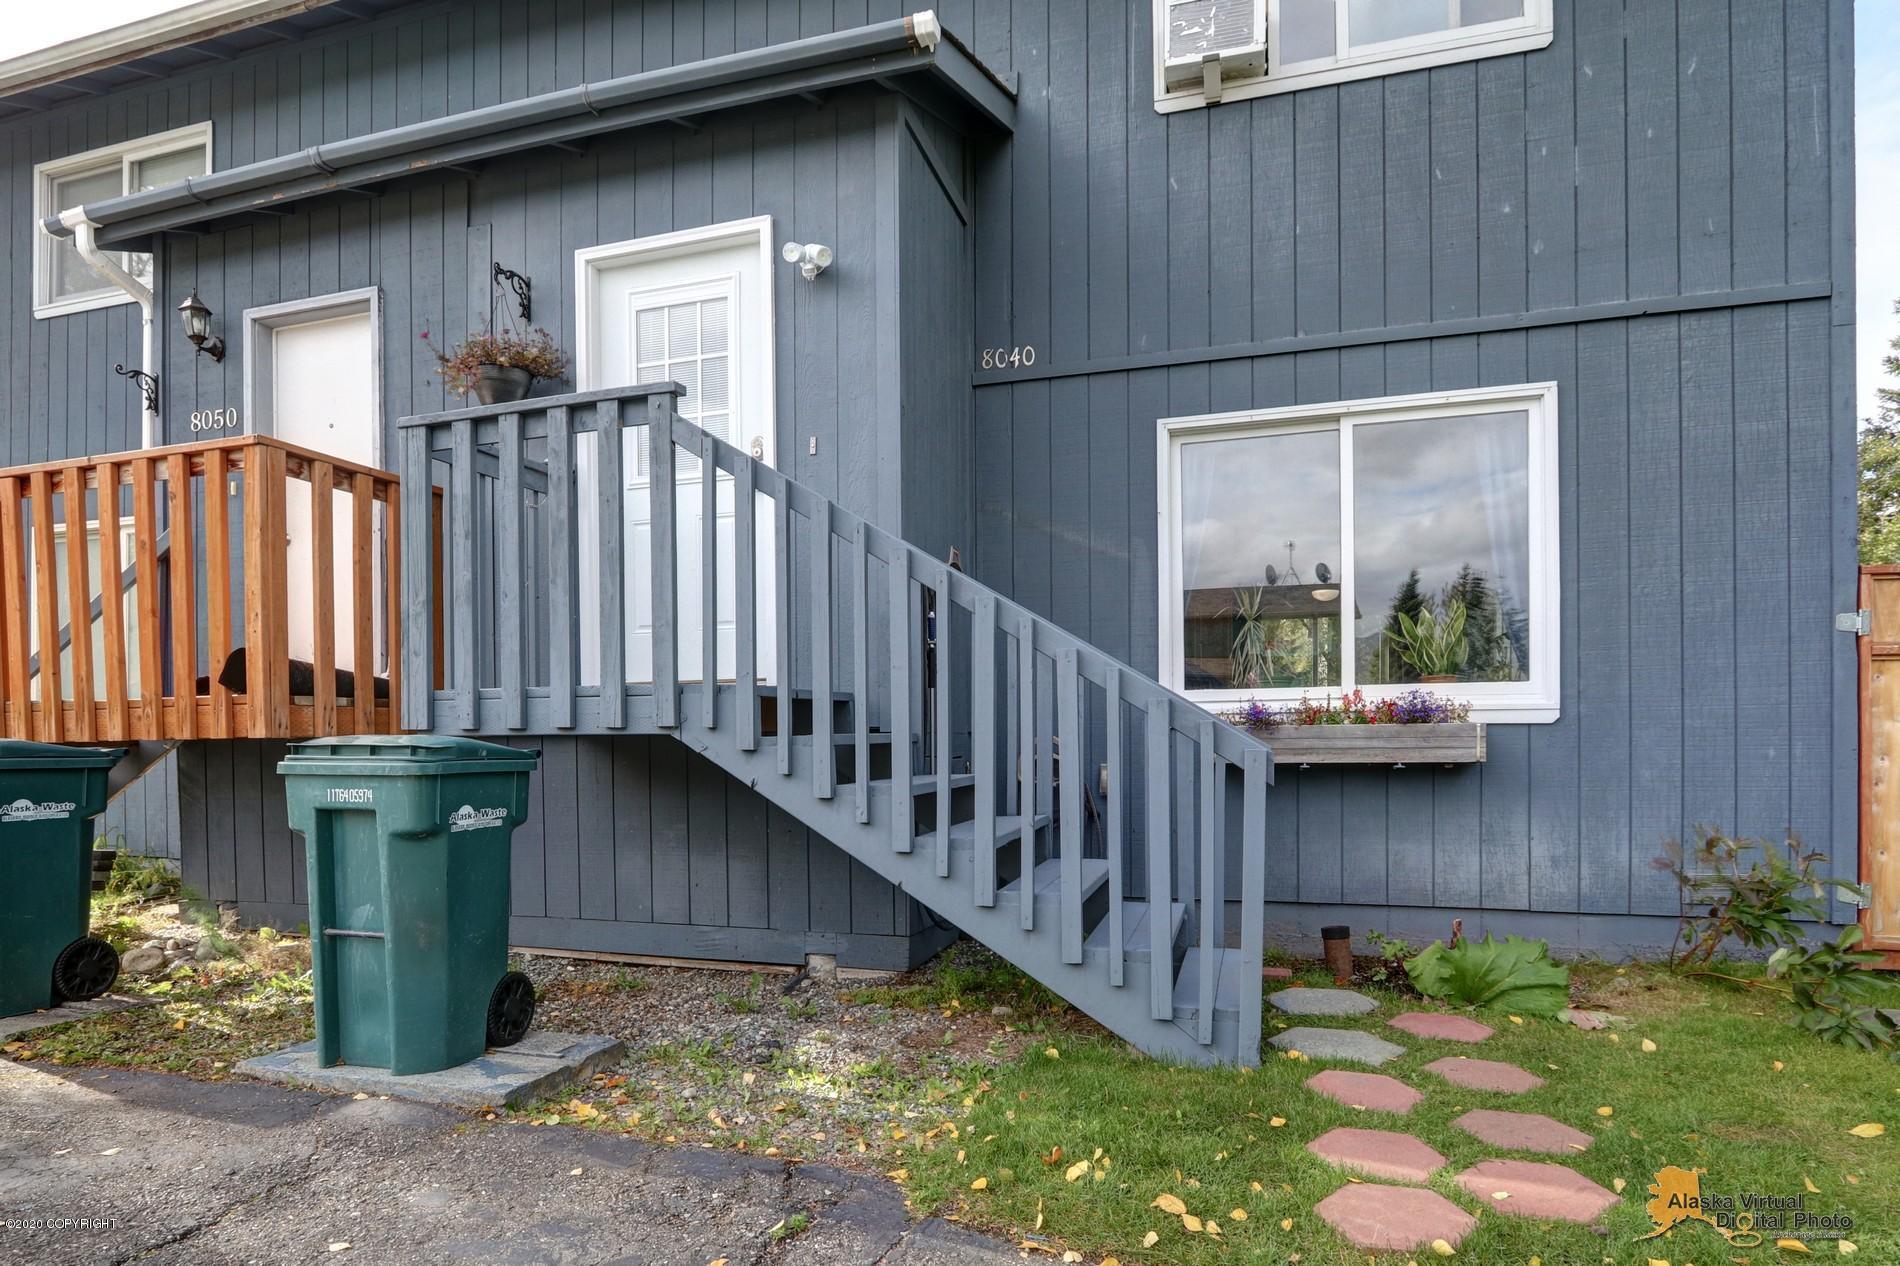 8040 Evans, Anchorage